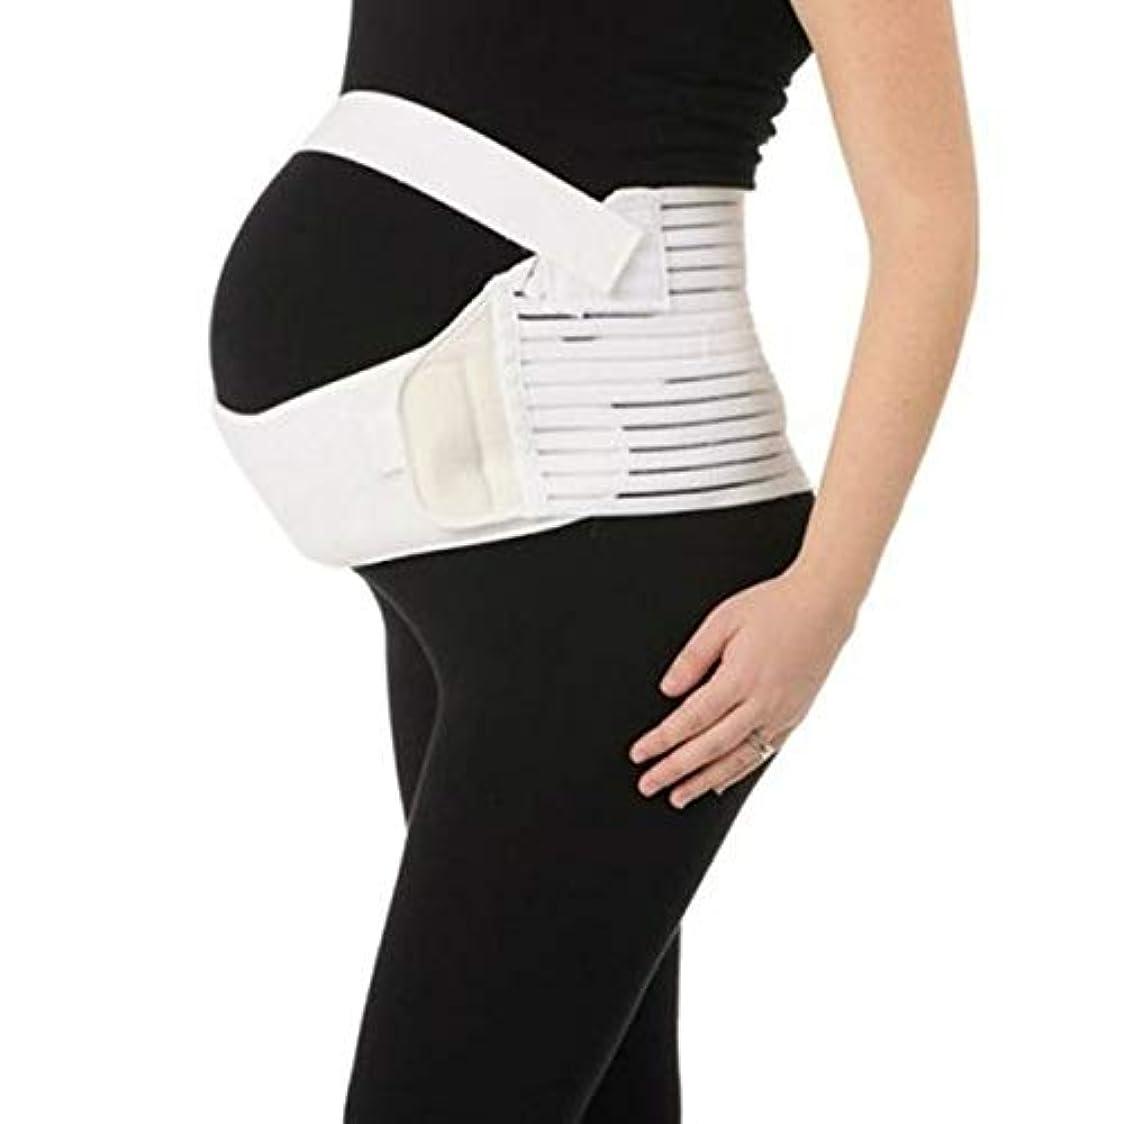 個人的な司法前書き通気性マタニティベルト妊娠腹部サポート腹部バインダーガードル運動包帯産後の回復shapewear - ホワイトL